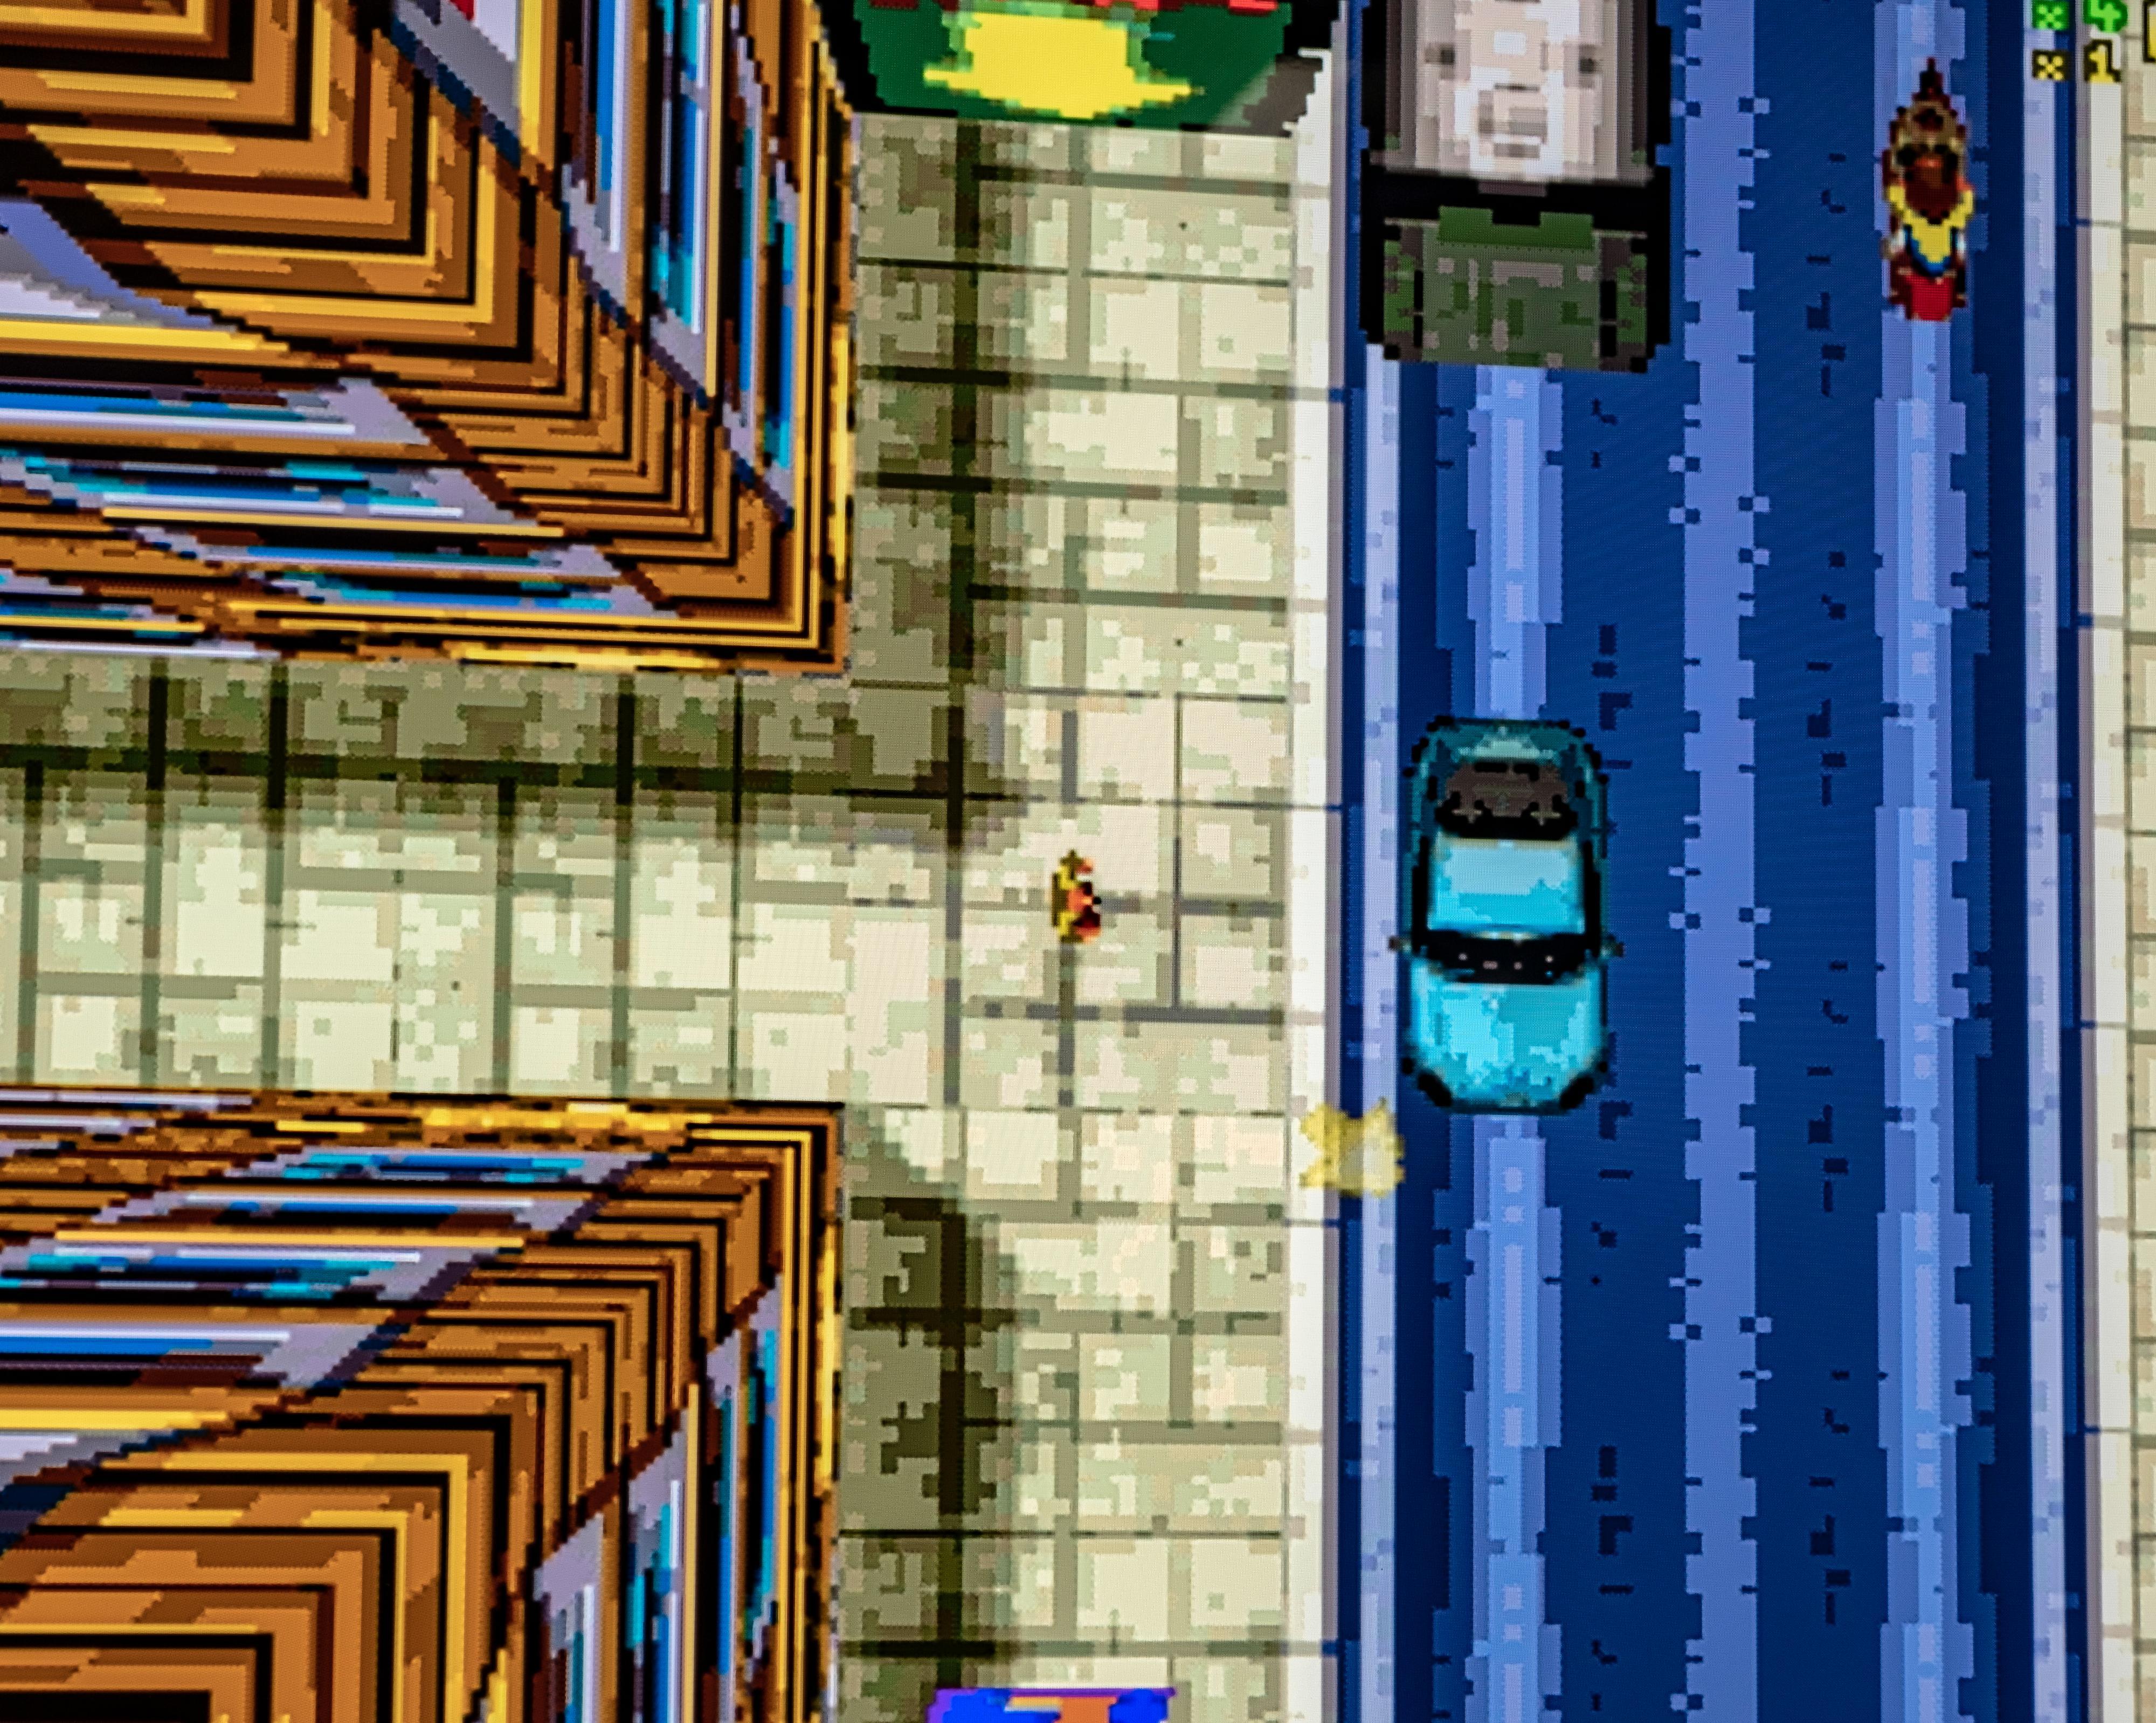 GTA ser slik ut på konsollen - og det er i grunnen et veldig godt spørsmål hvorfor det skal være vanskelig nok å drive til å gå hakkete.